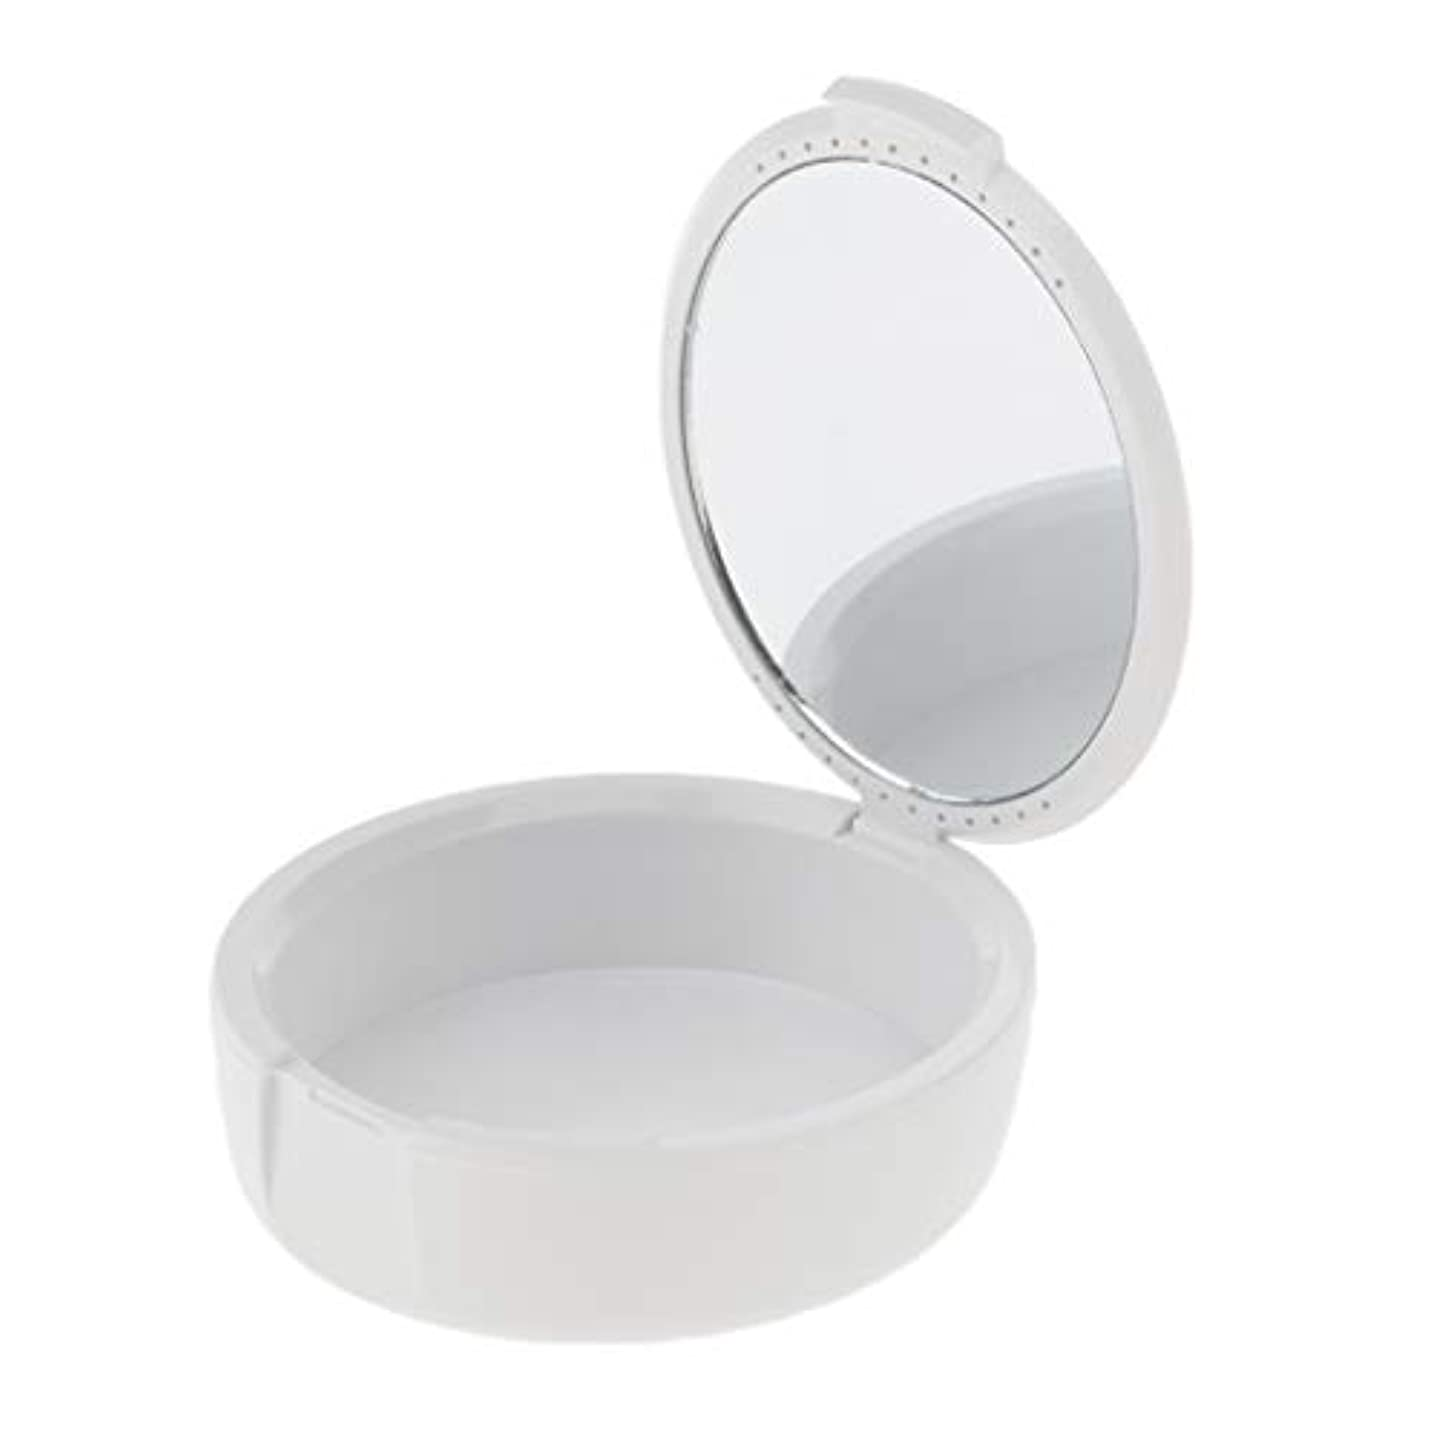 発行するコミュニケーション不均一マウスガードケース 義歯収納容器 ミニ 携帯用 2色選べ - 白